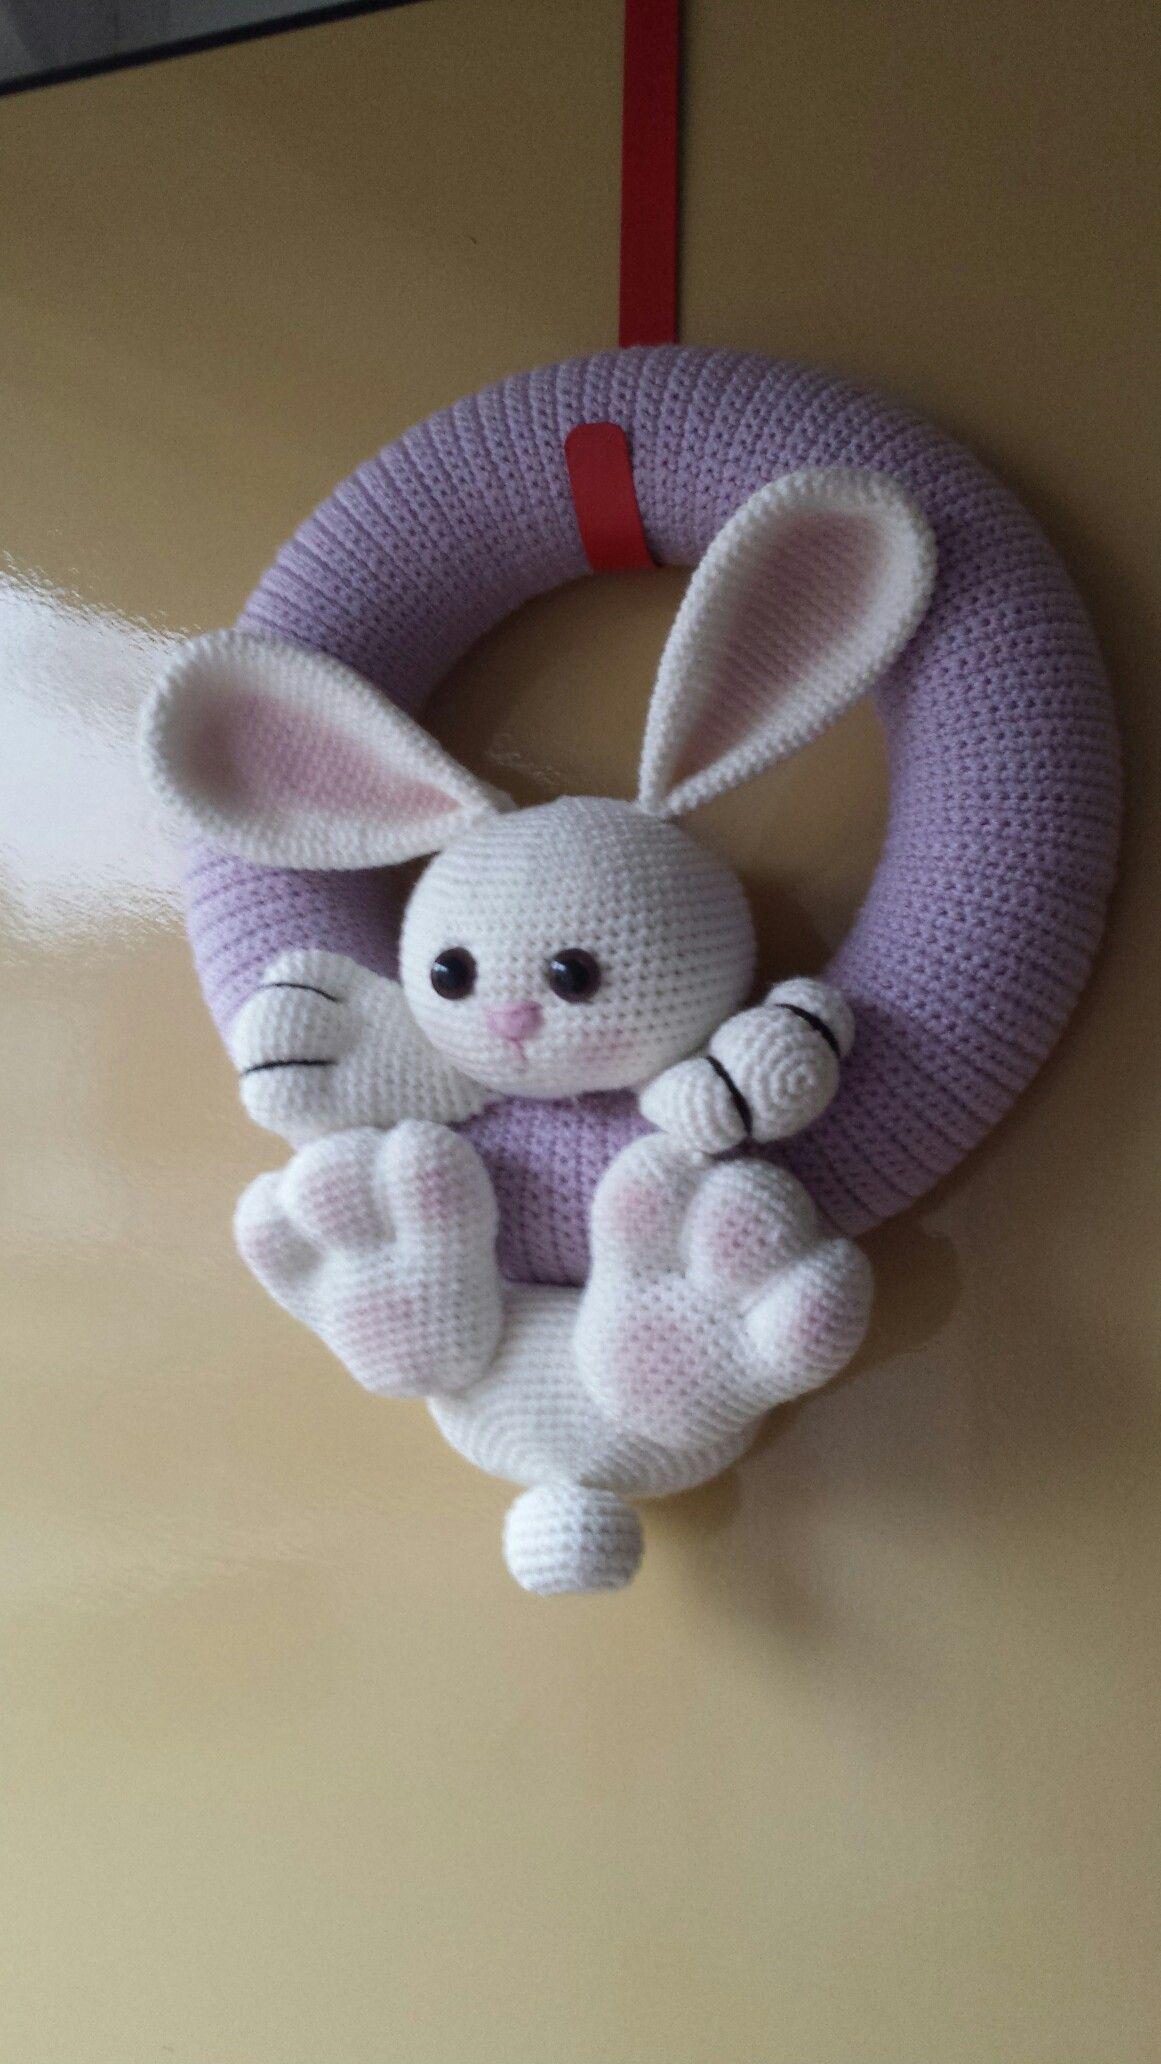 Paaskrans Zhayade Kransen Pinterest Crochet Amigurumi En Easter